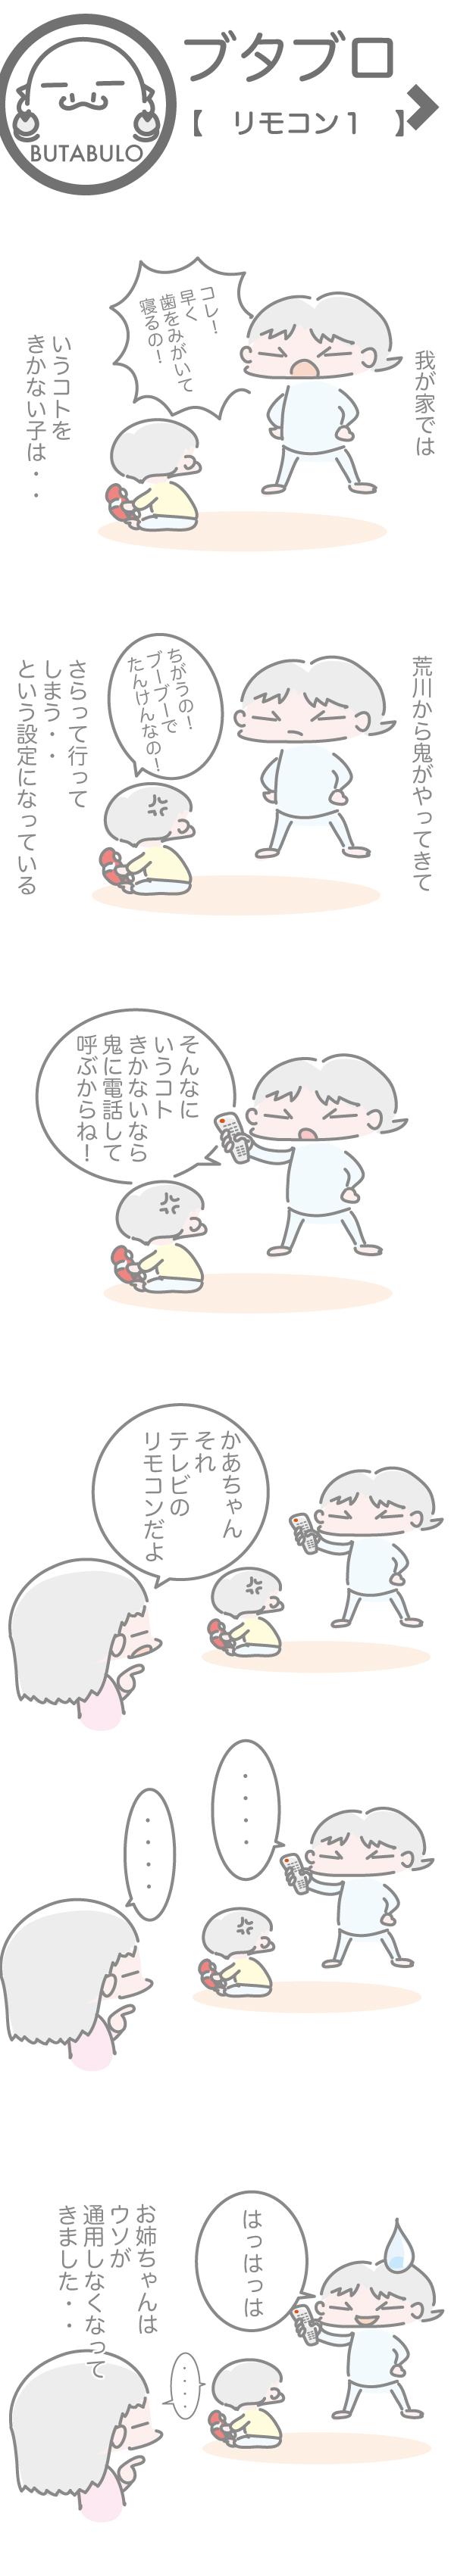 ネタ27ブログ